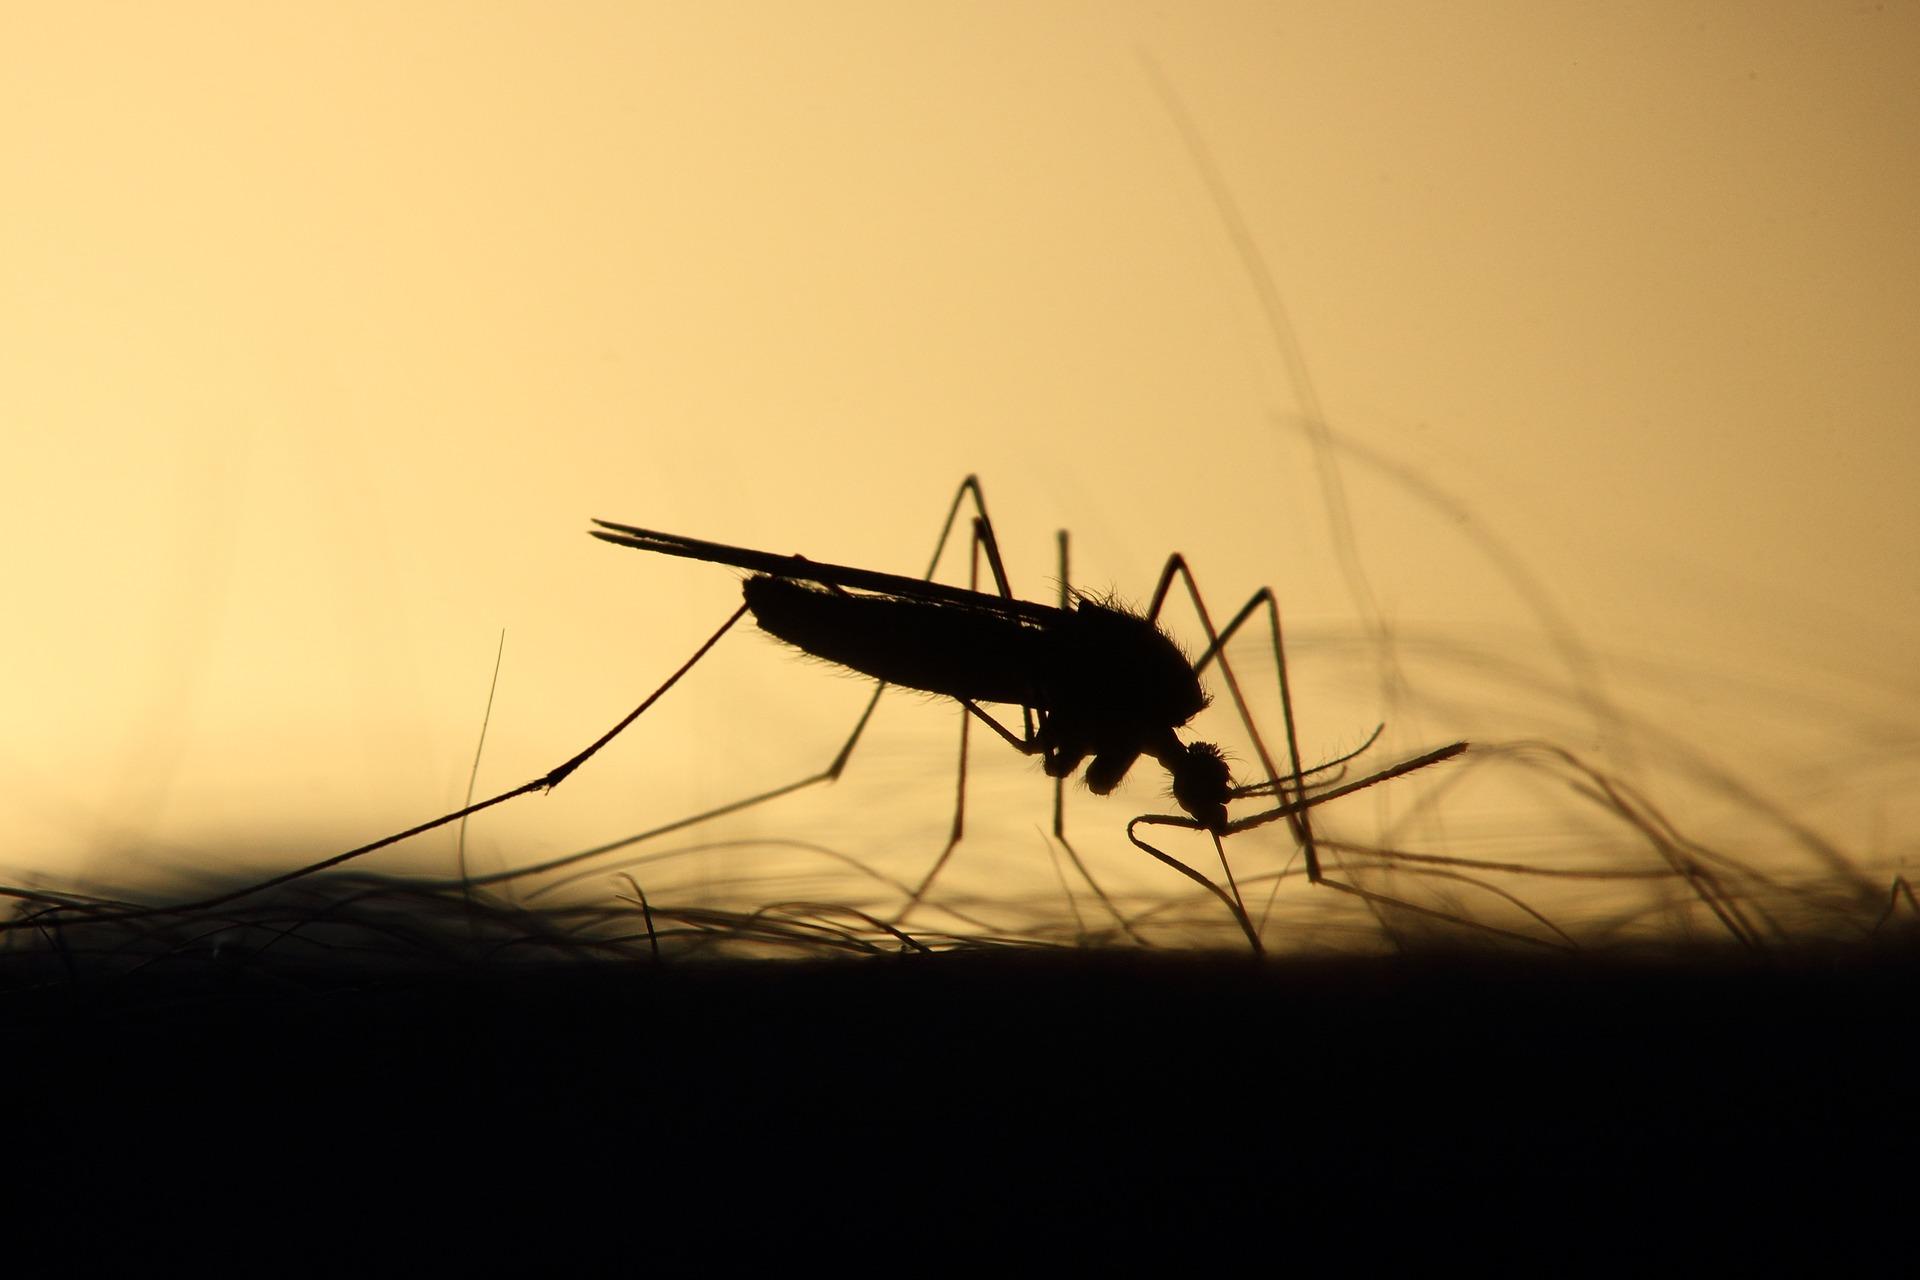 Gmina Kolbuszowa ma ekologiczny pomysł na komary. Co z opryskami?  - Zdjęcie główne